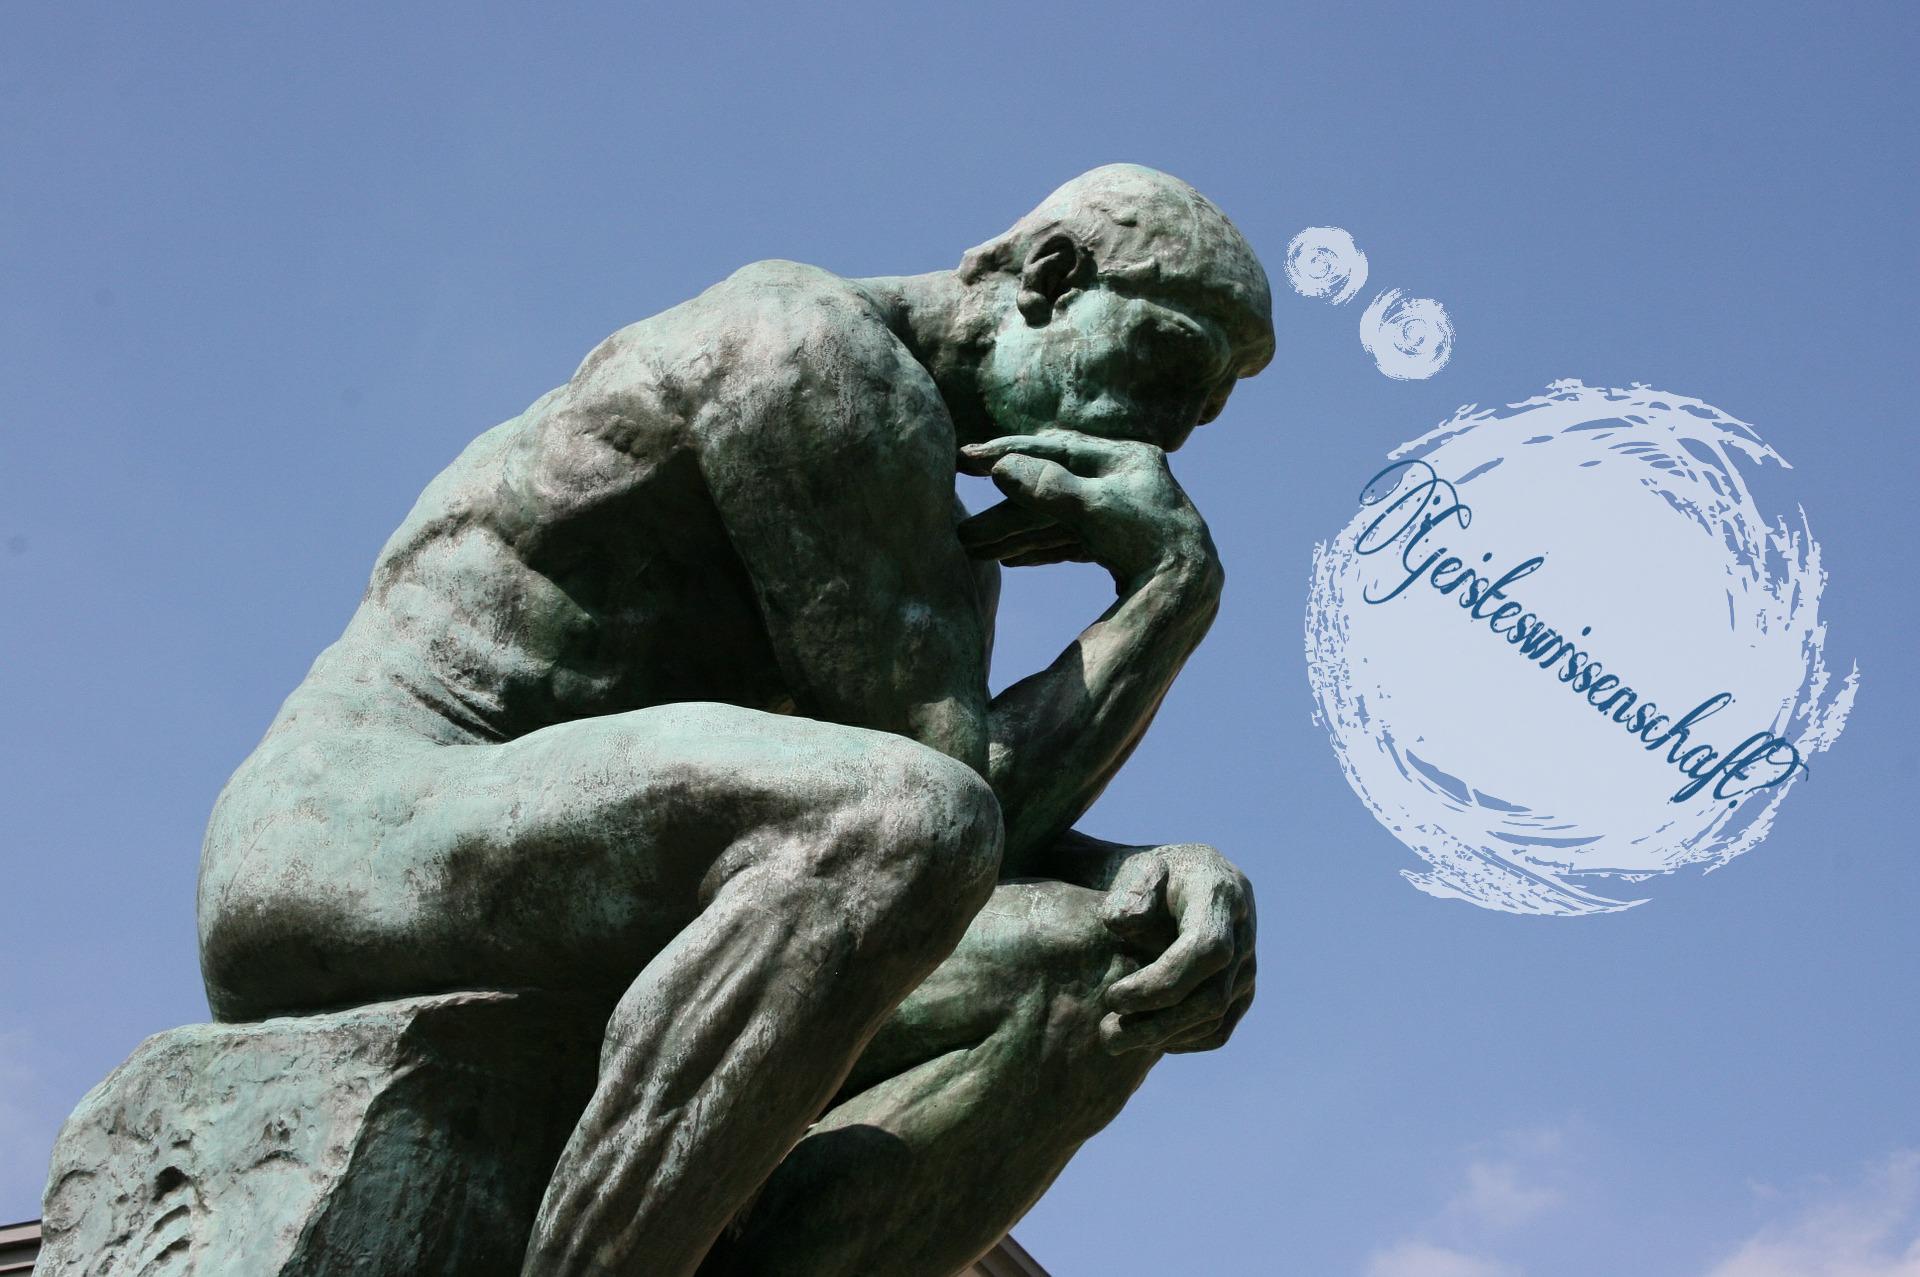 Geisteswissenschaft – Und was willst du später mal damit machen?